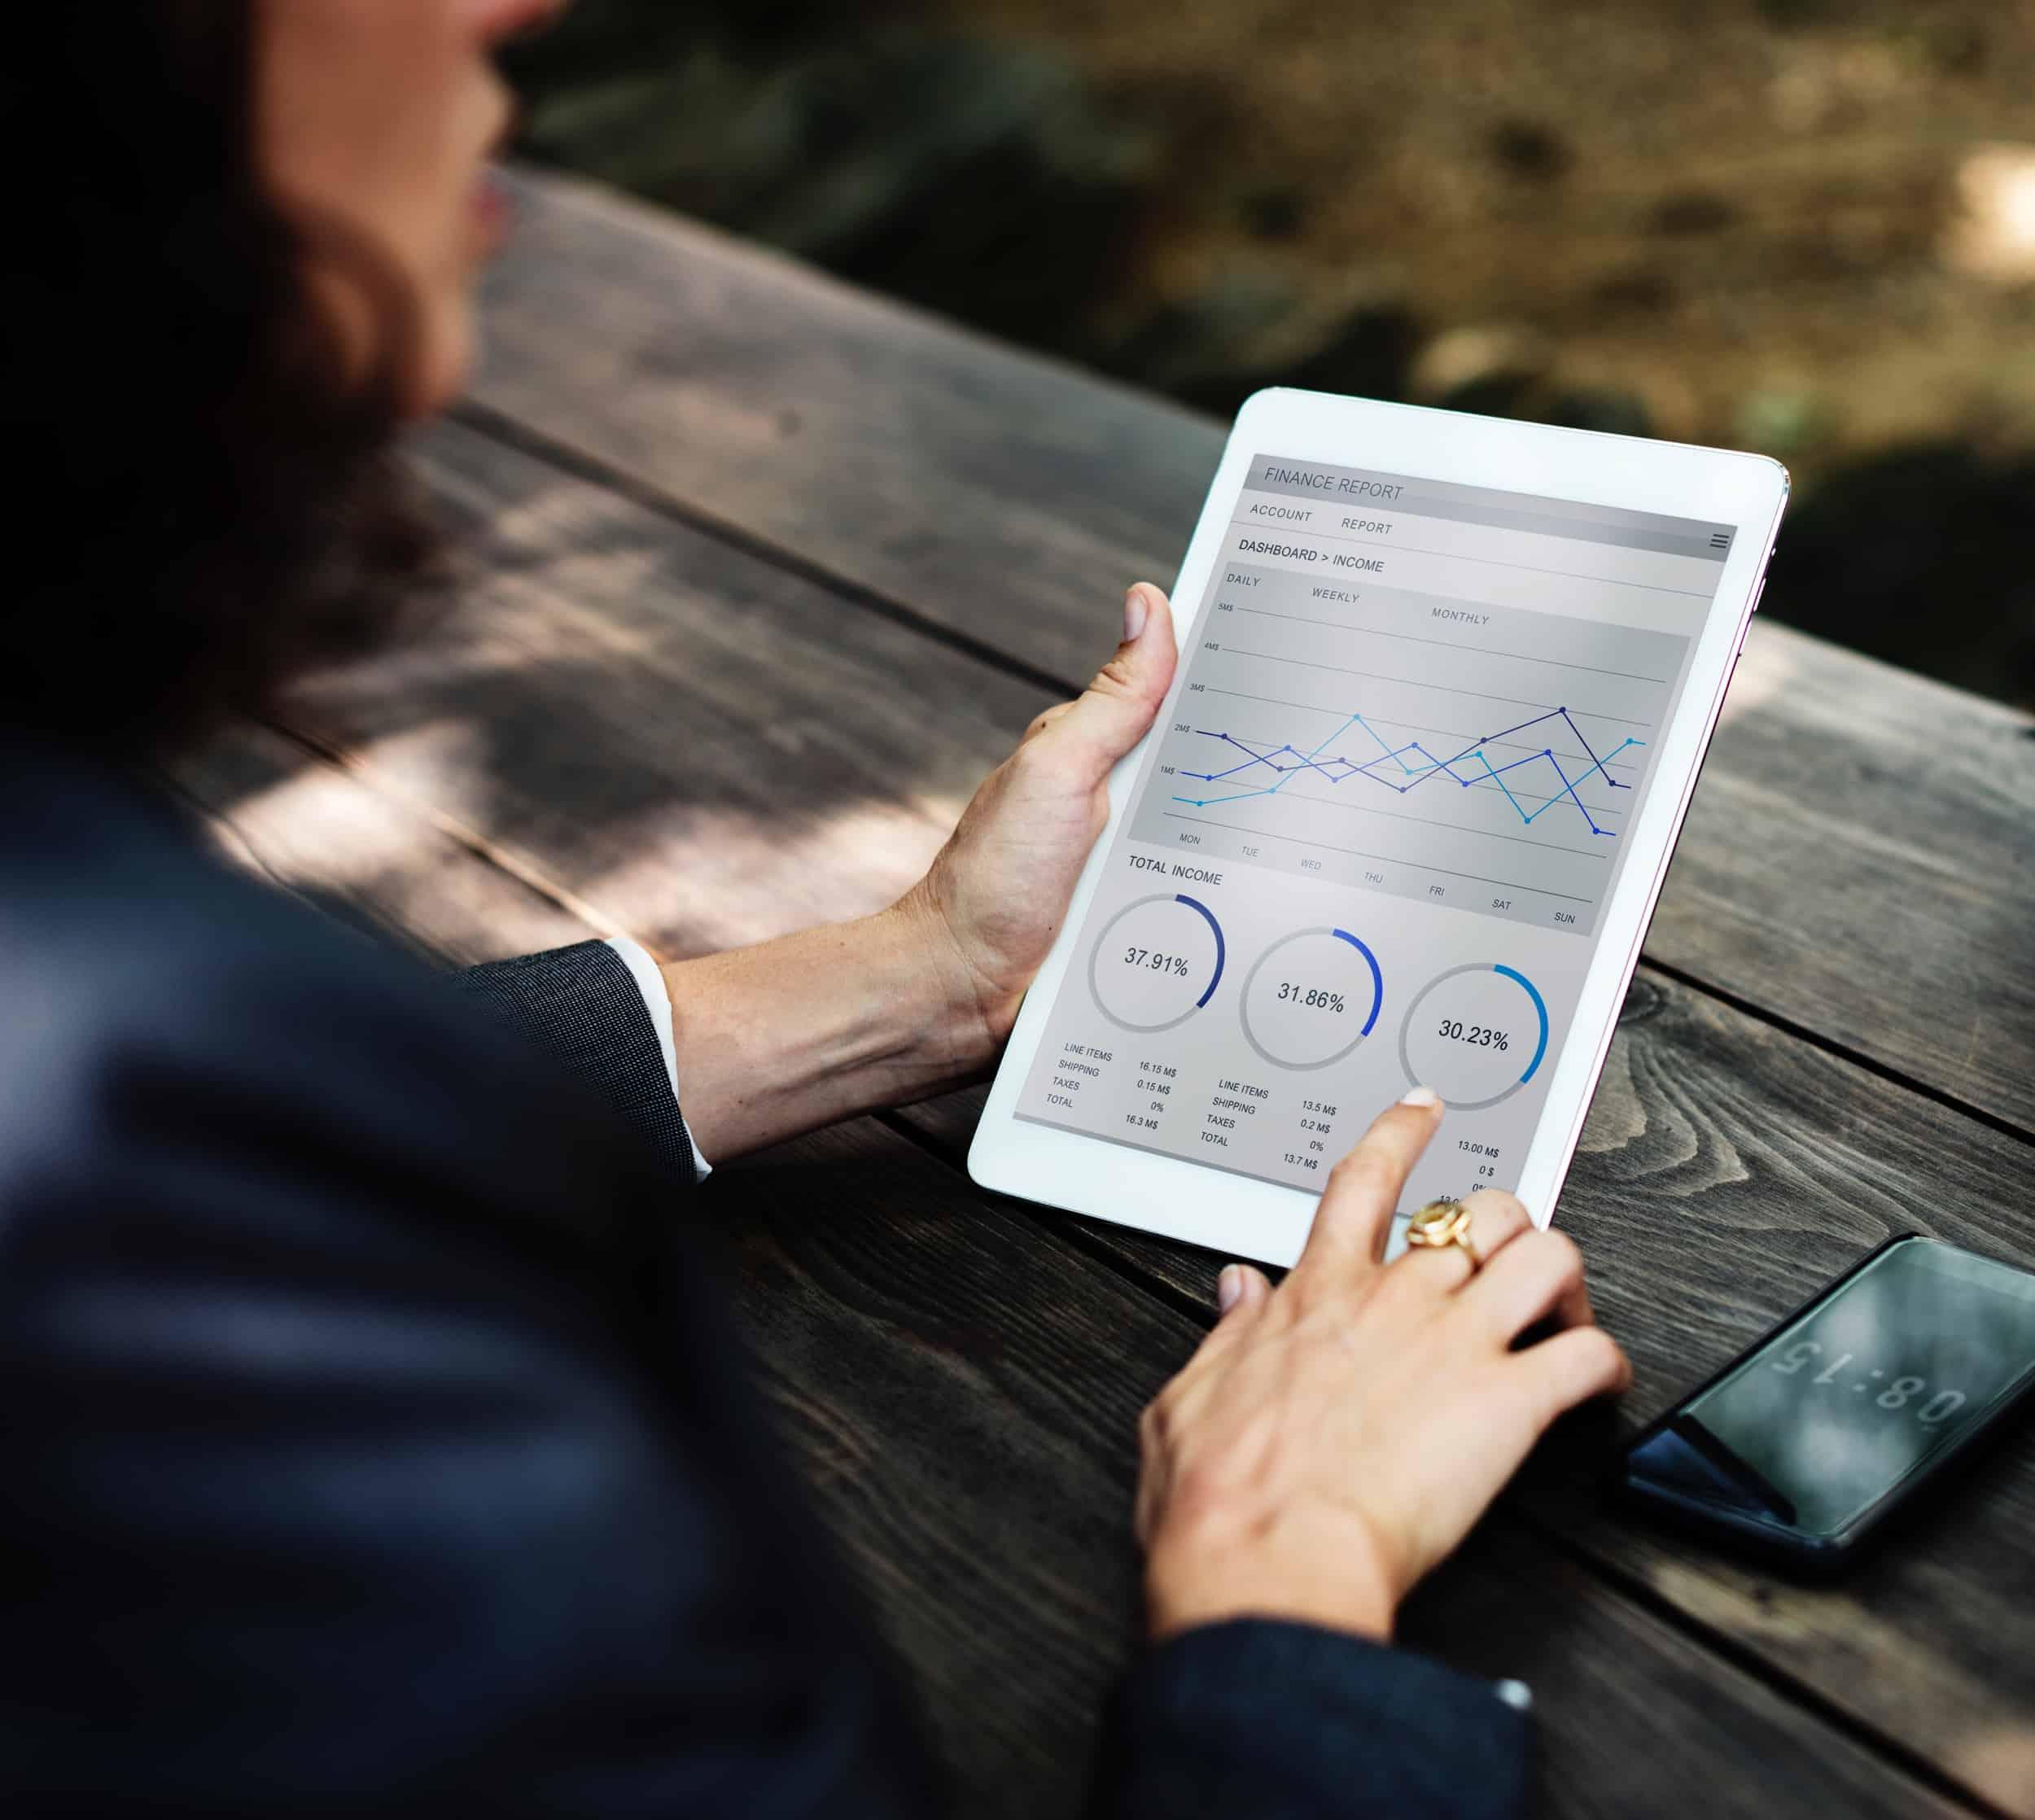 Quản lý trải nghiệm khách hàng là chưa đủ: 3 bước để cải thiện trải nghiệm khách hàng cho doanh nghiệp